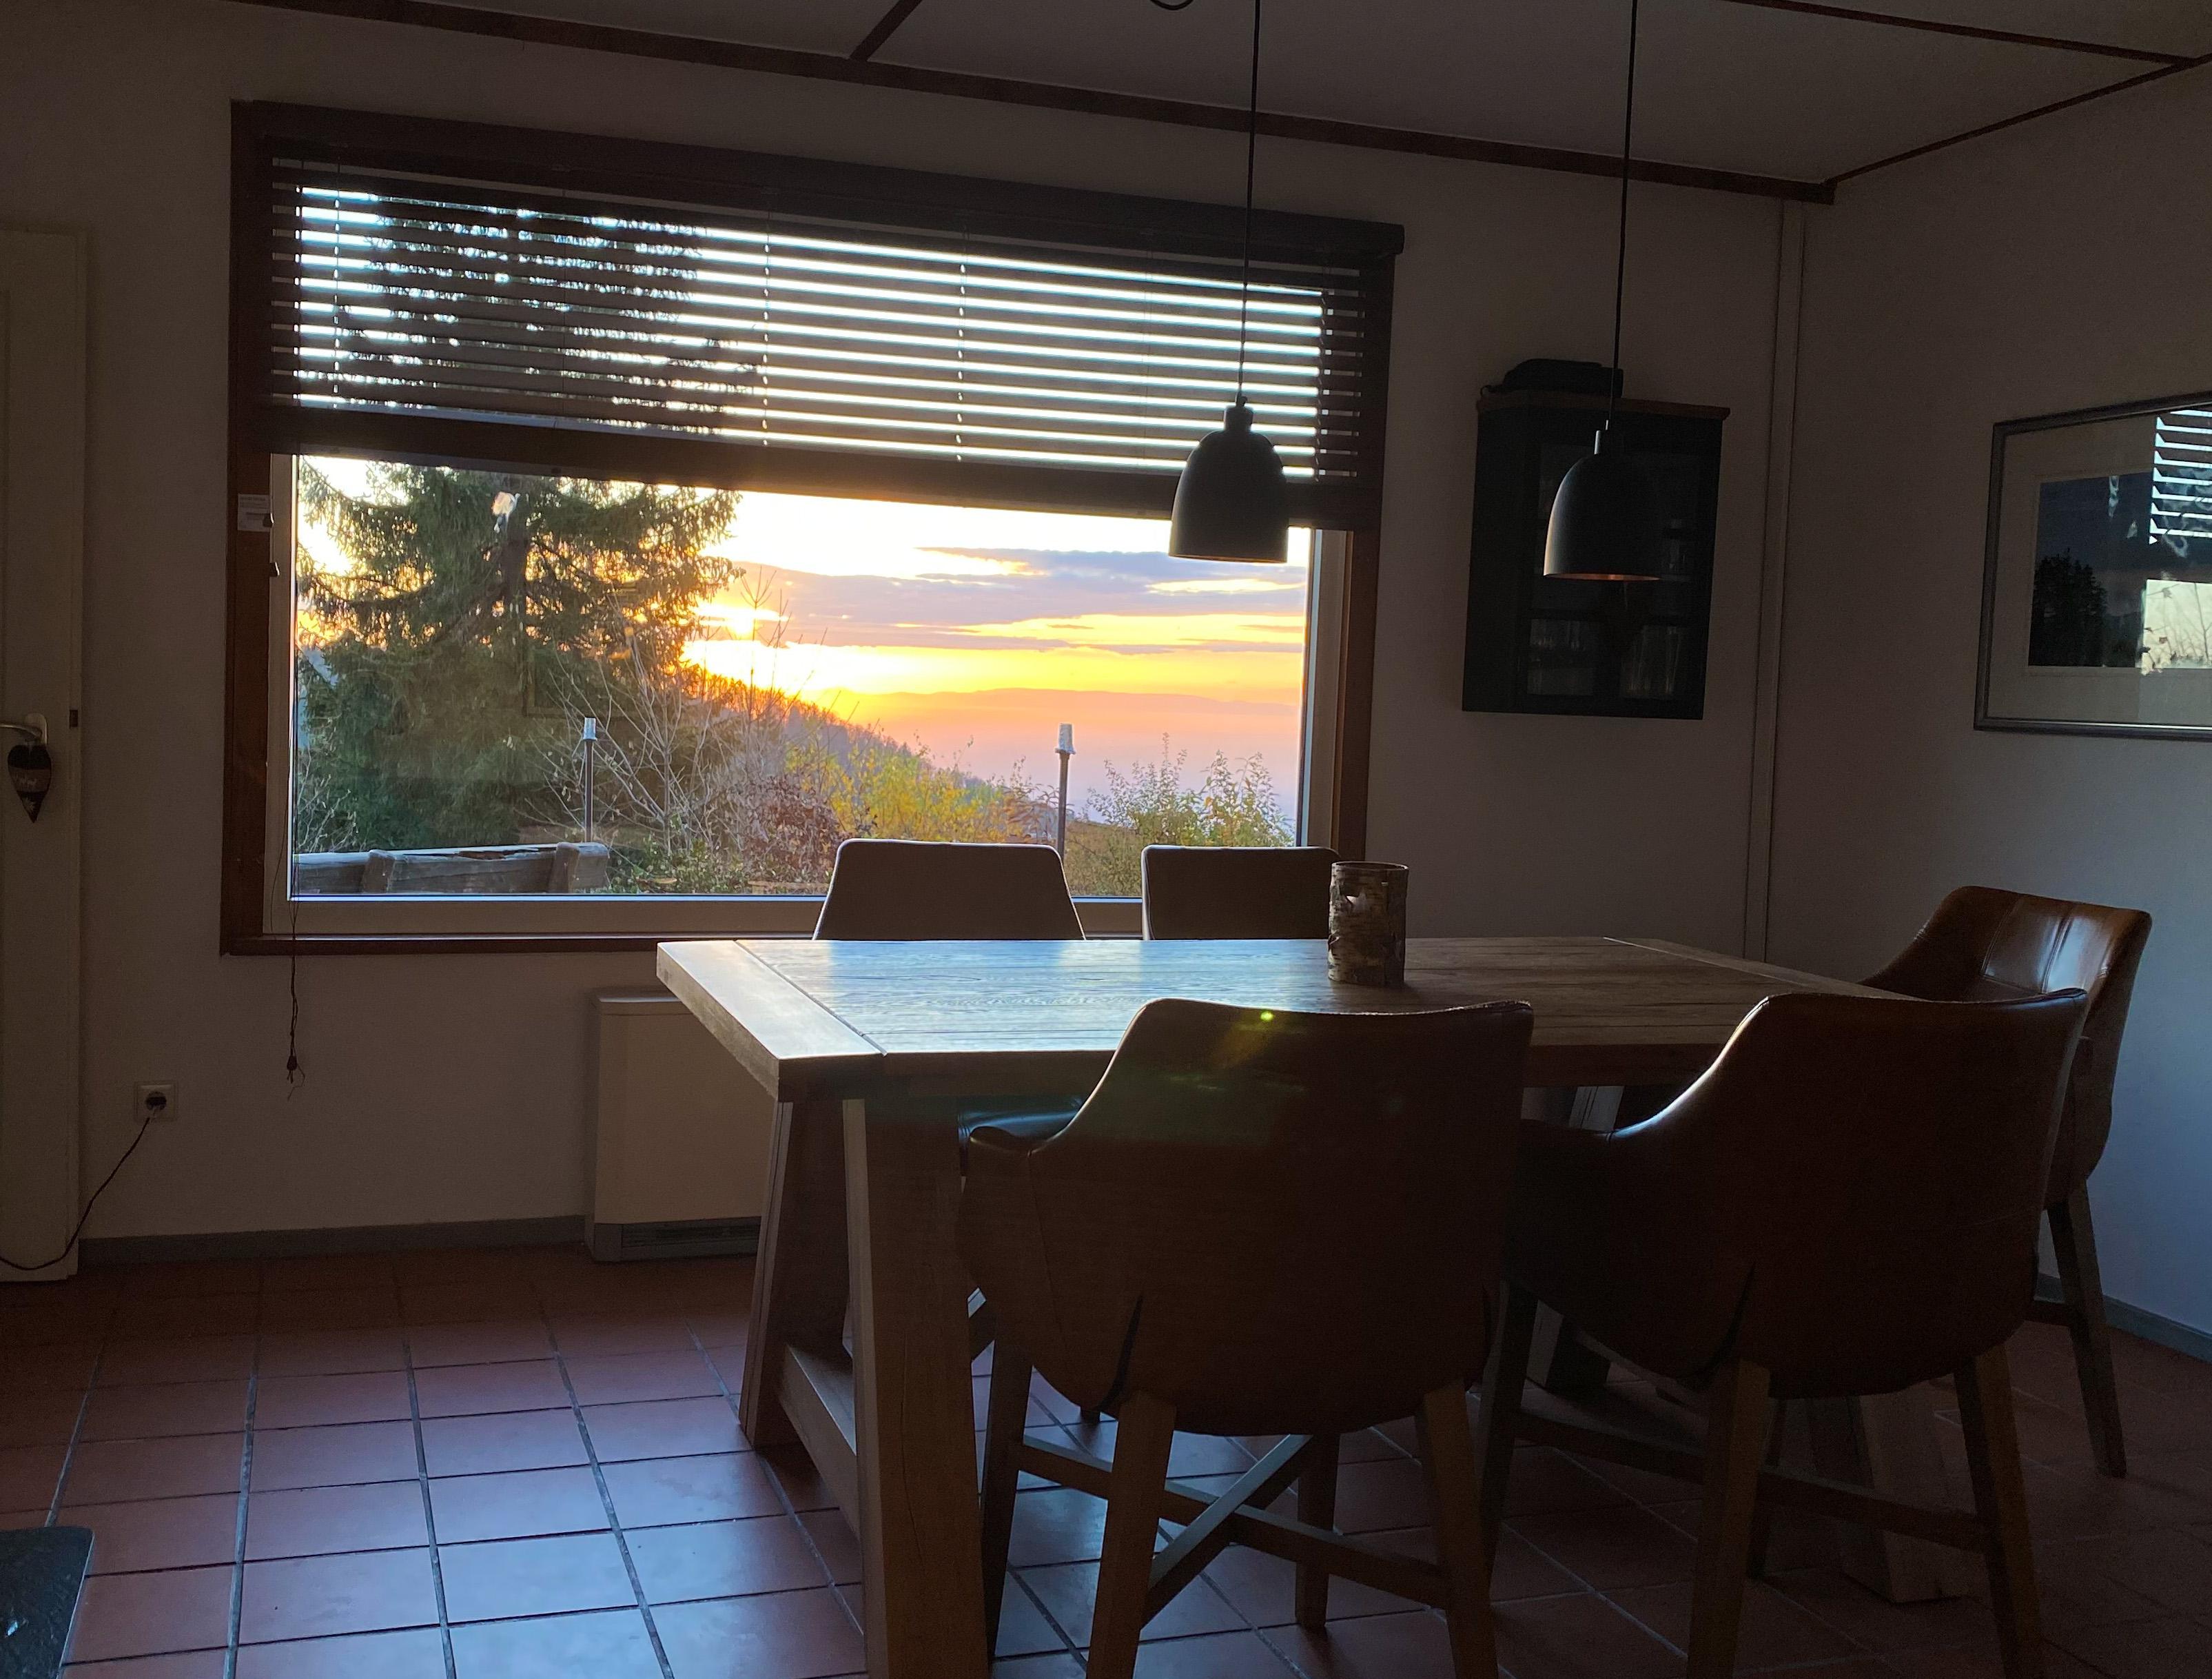 Neues Panoramafenster (seit Nov 2020)